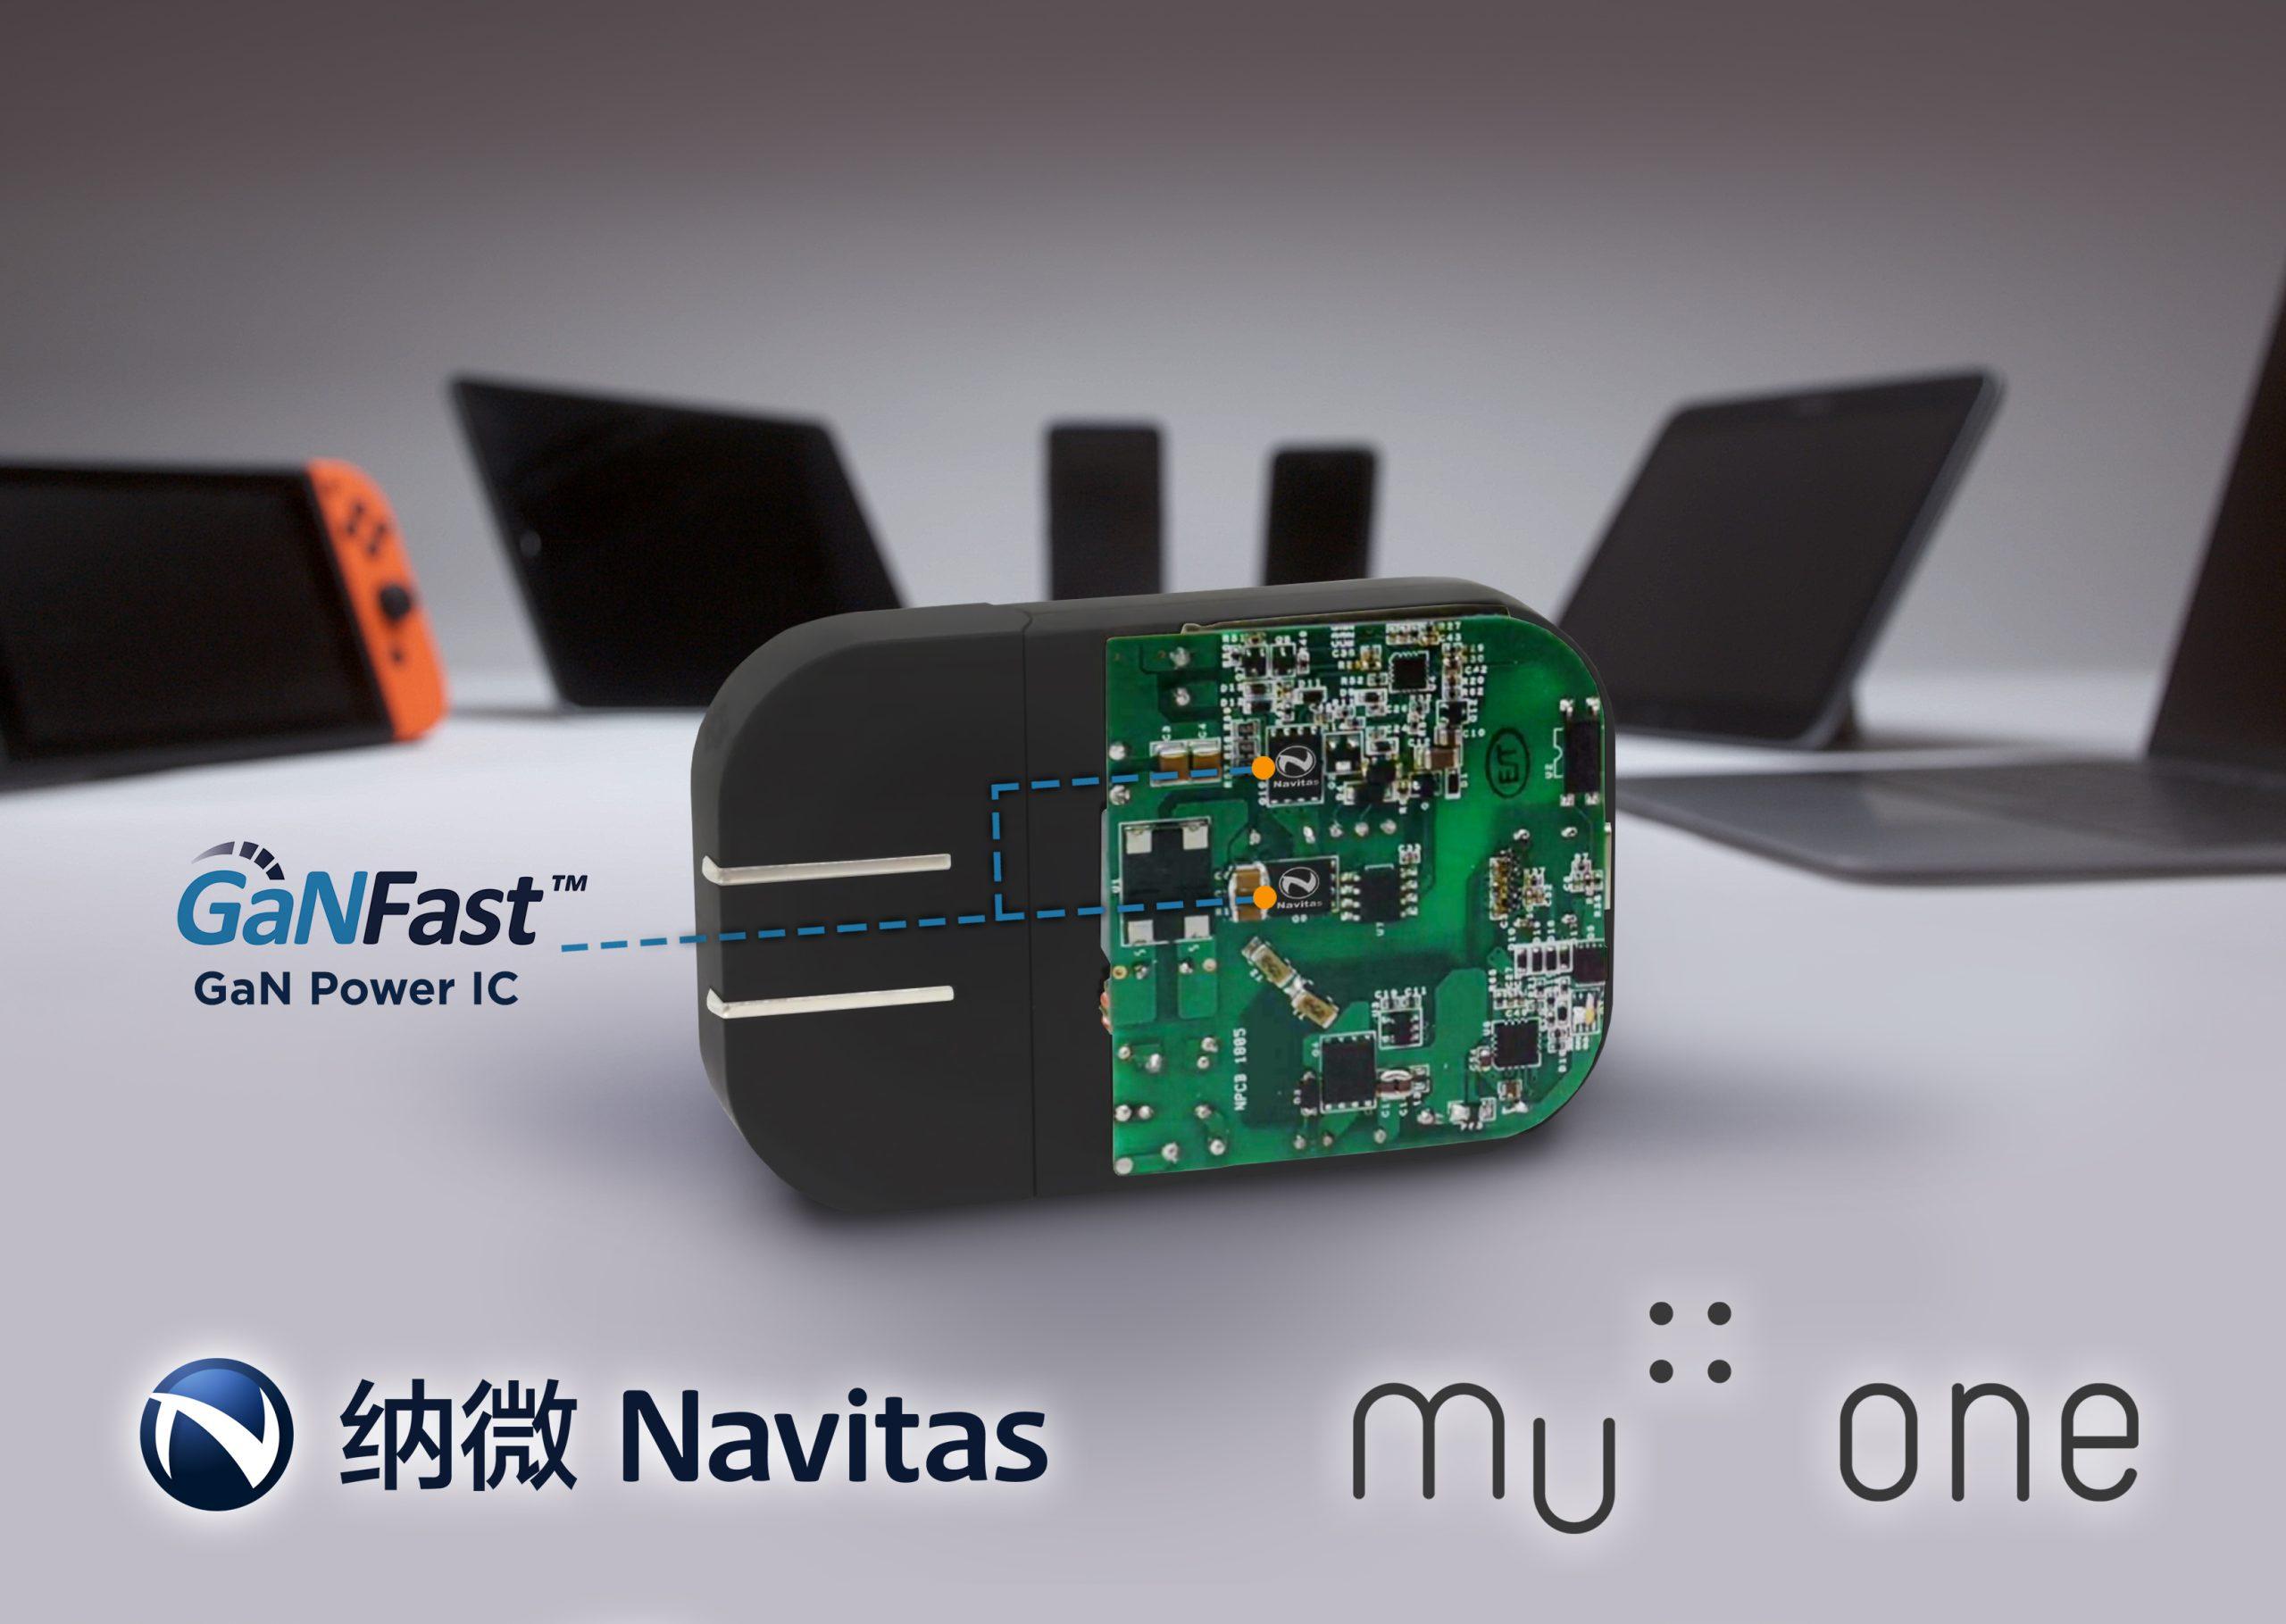 纳微GaNFast™ 推动世界上最薄的旅行适配器